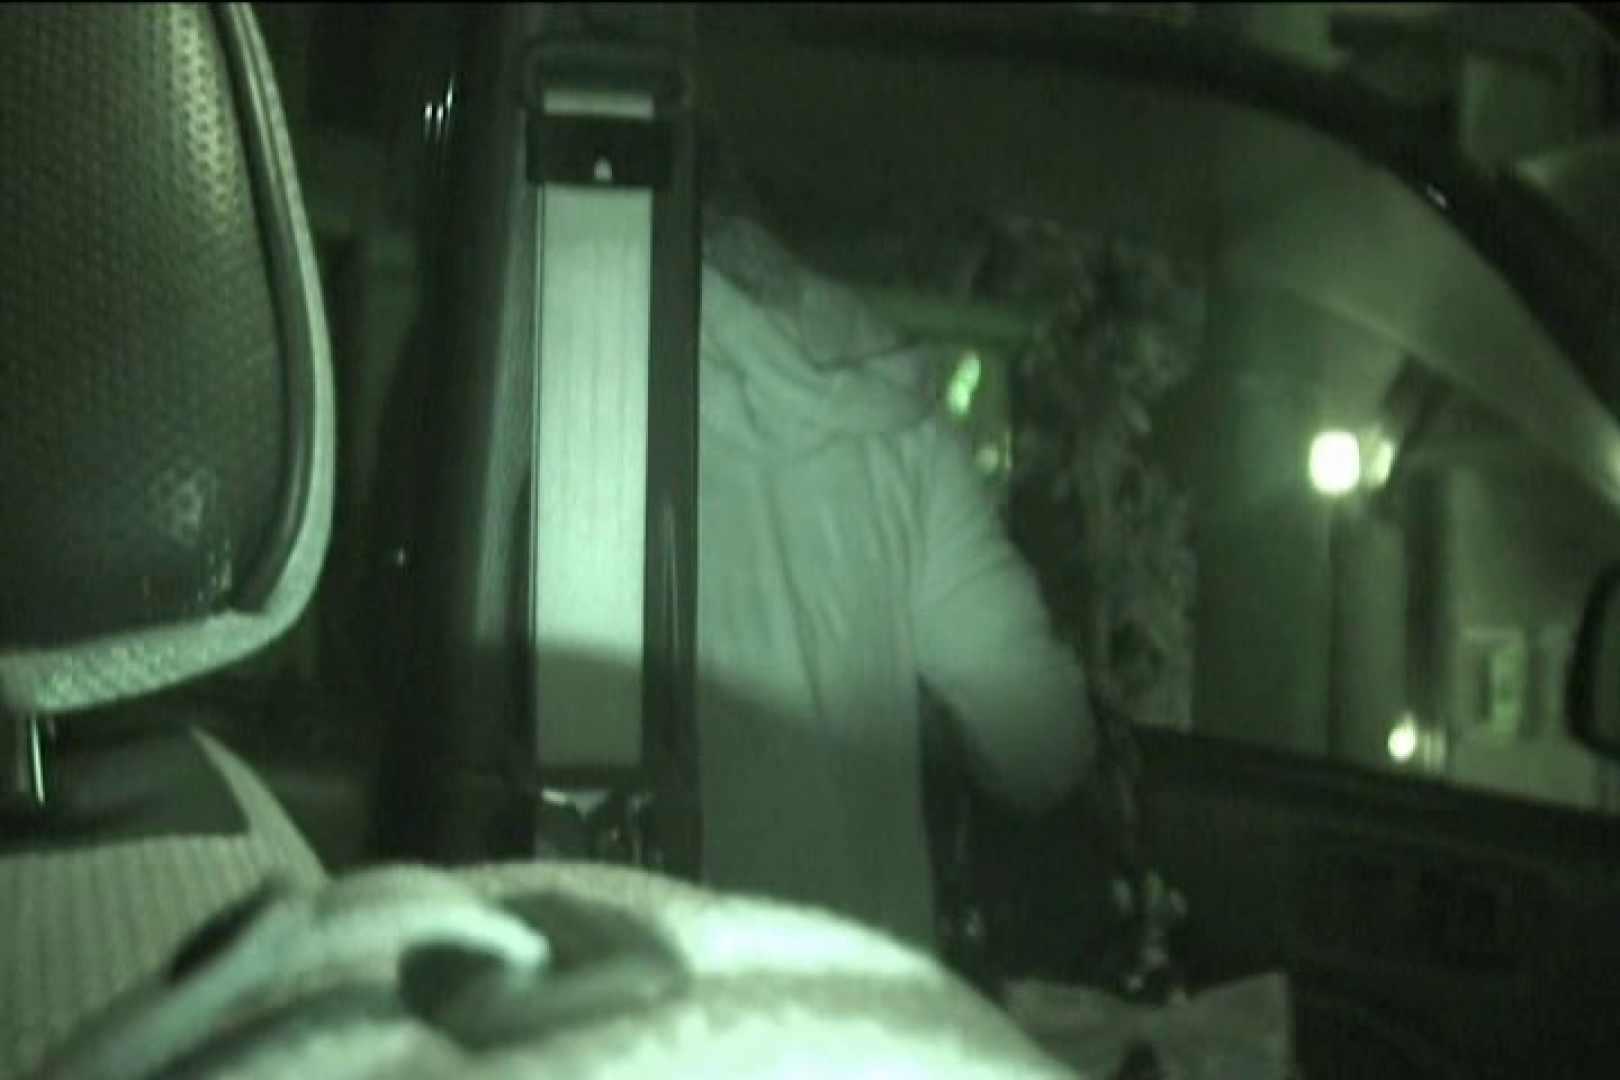 車内で初めまして! vol03 綺麗なOLたち われめAV動画紹介 94枚 26